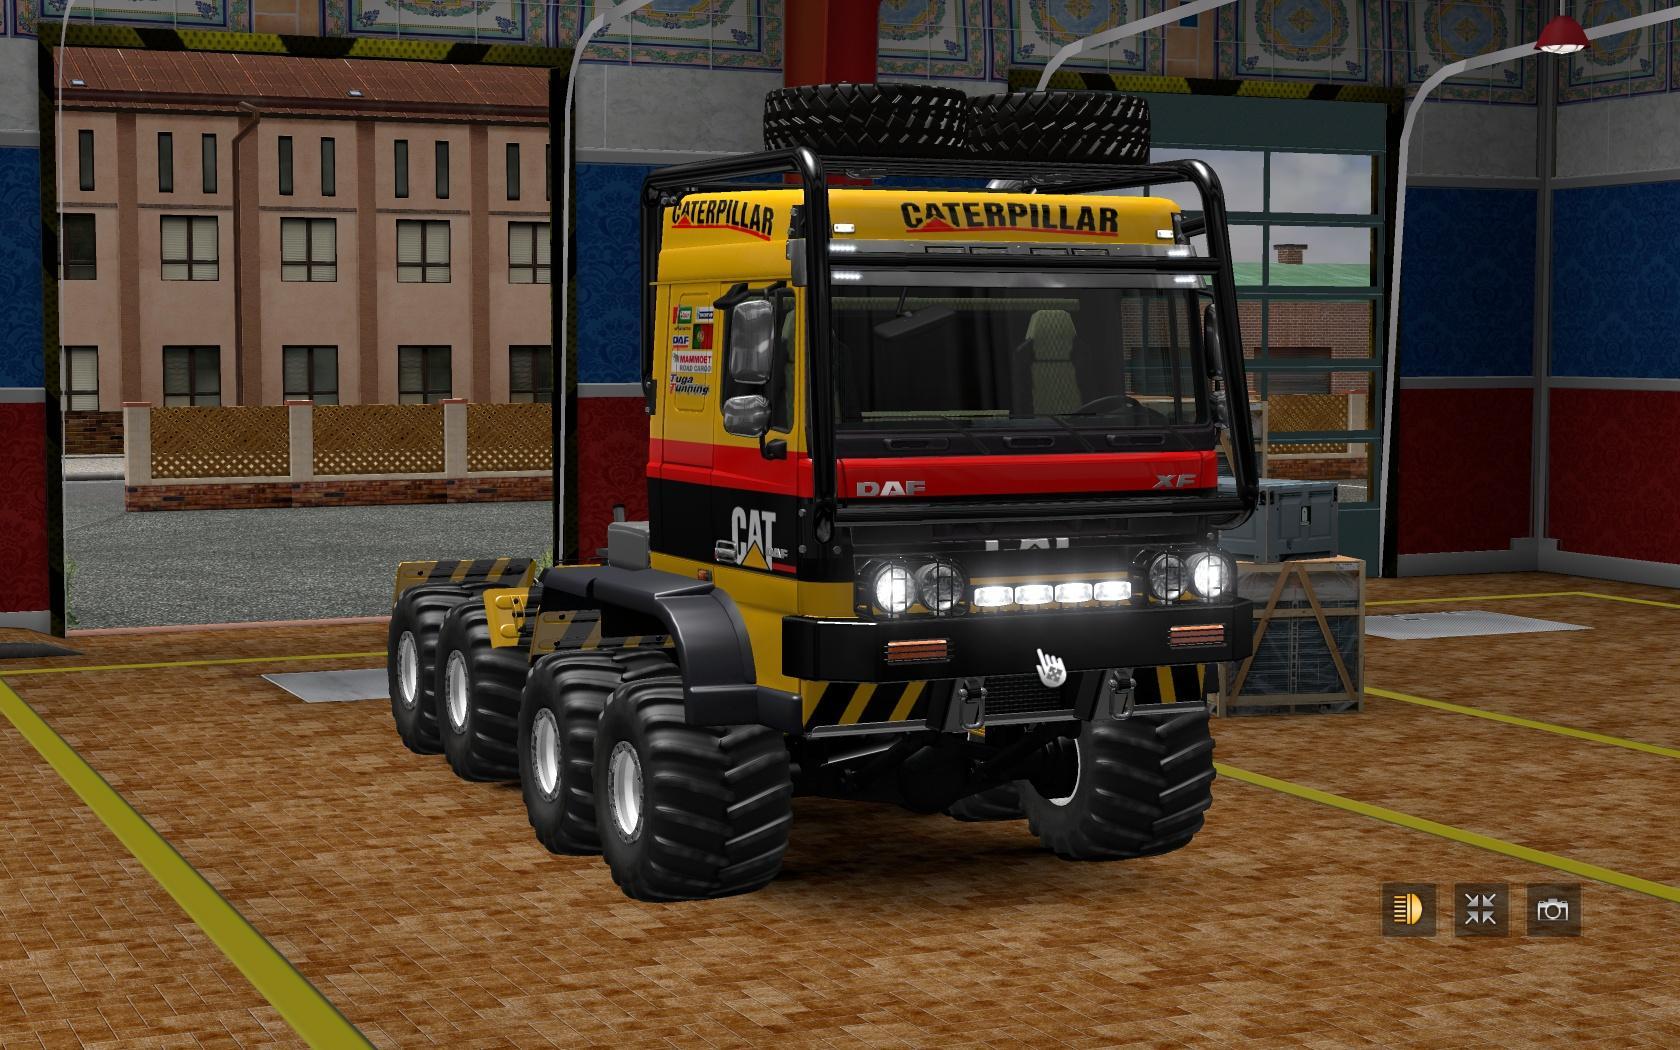 DAF Crawler Fixed (1.25)